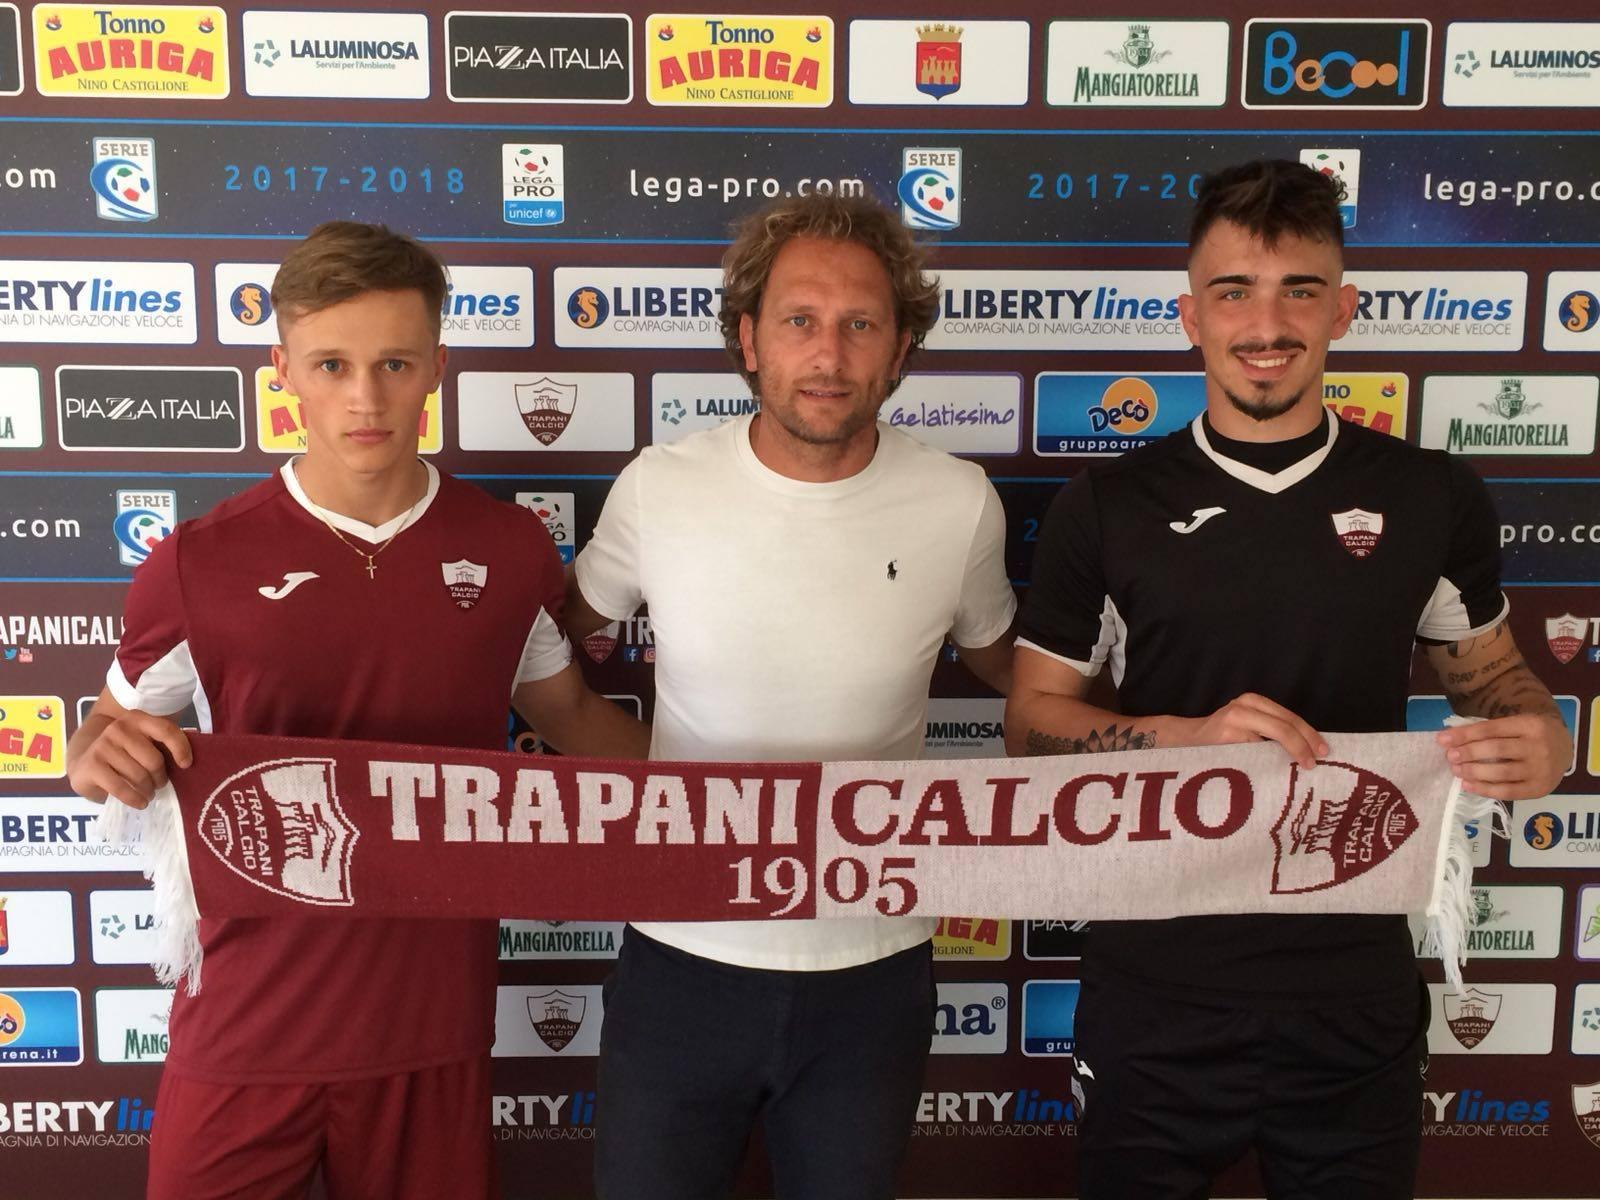 Serie C, Trapani-Bisceglie 13 ottobre: analisi e pronostico della giornata della terza divisione calcistica italiana